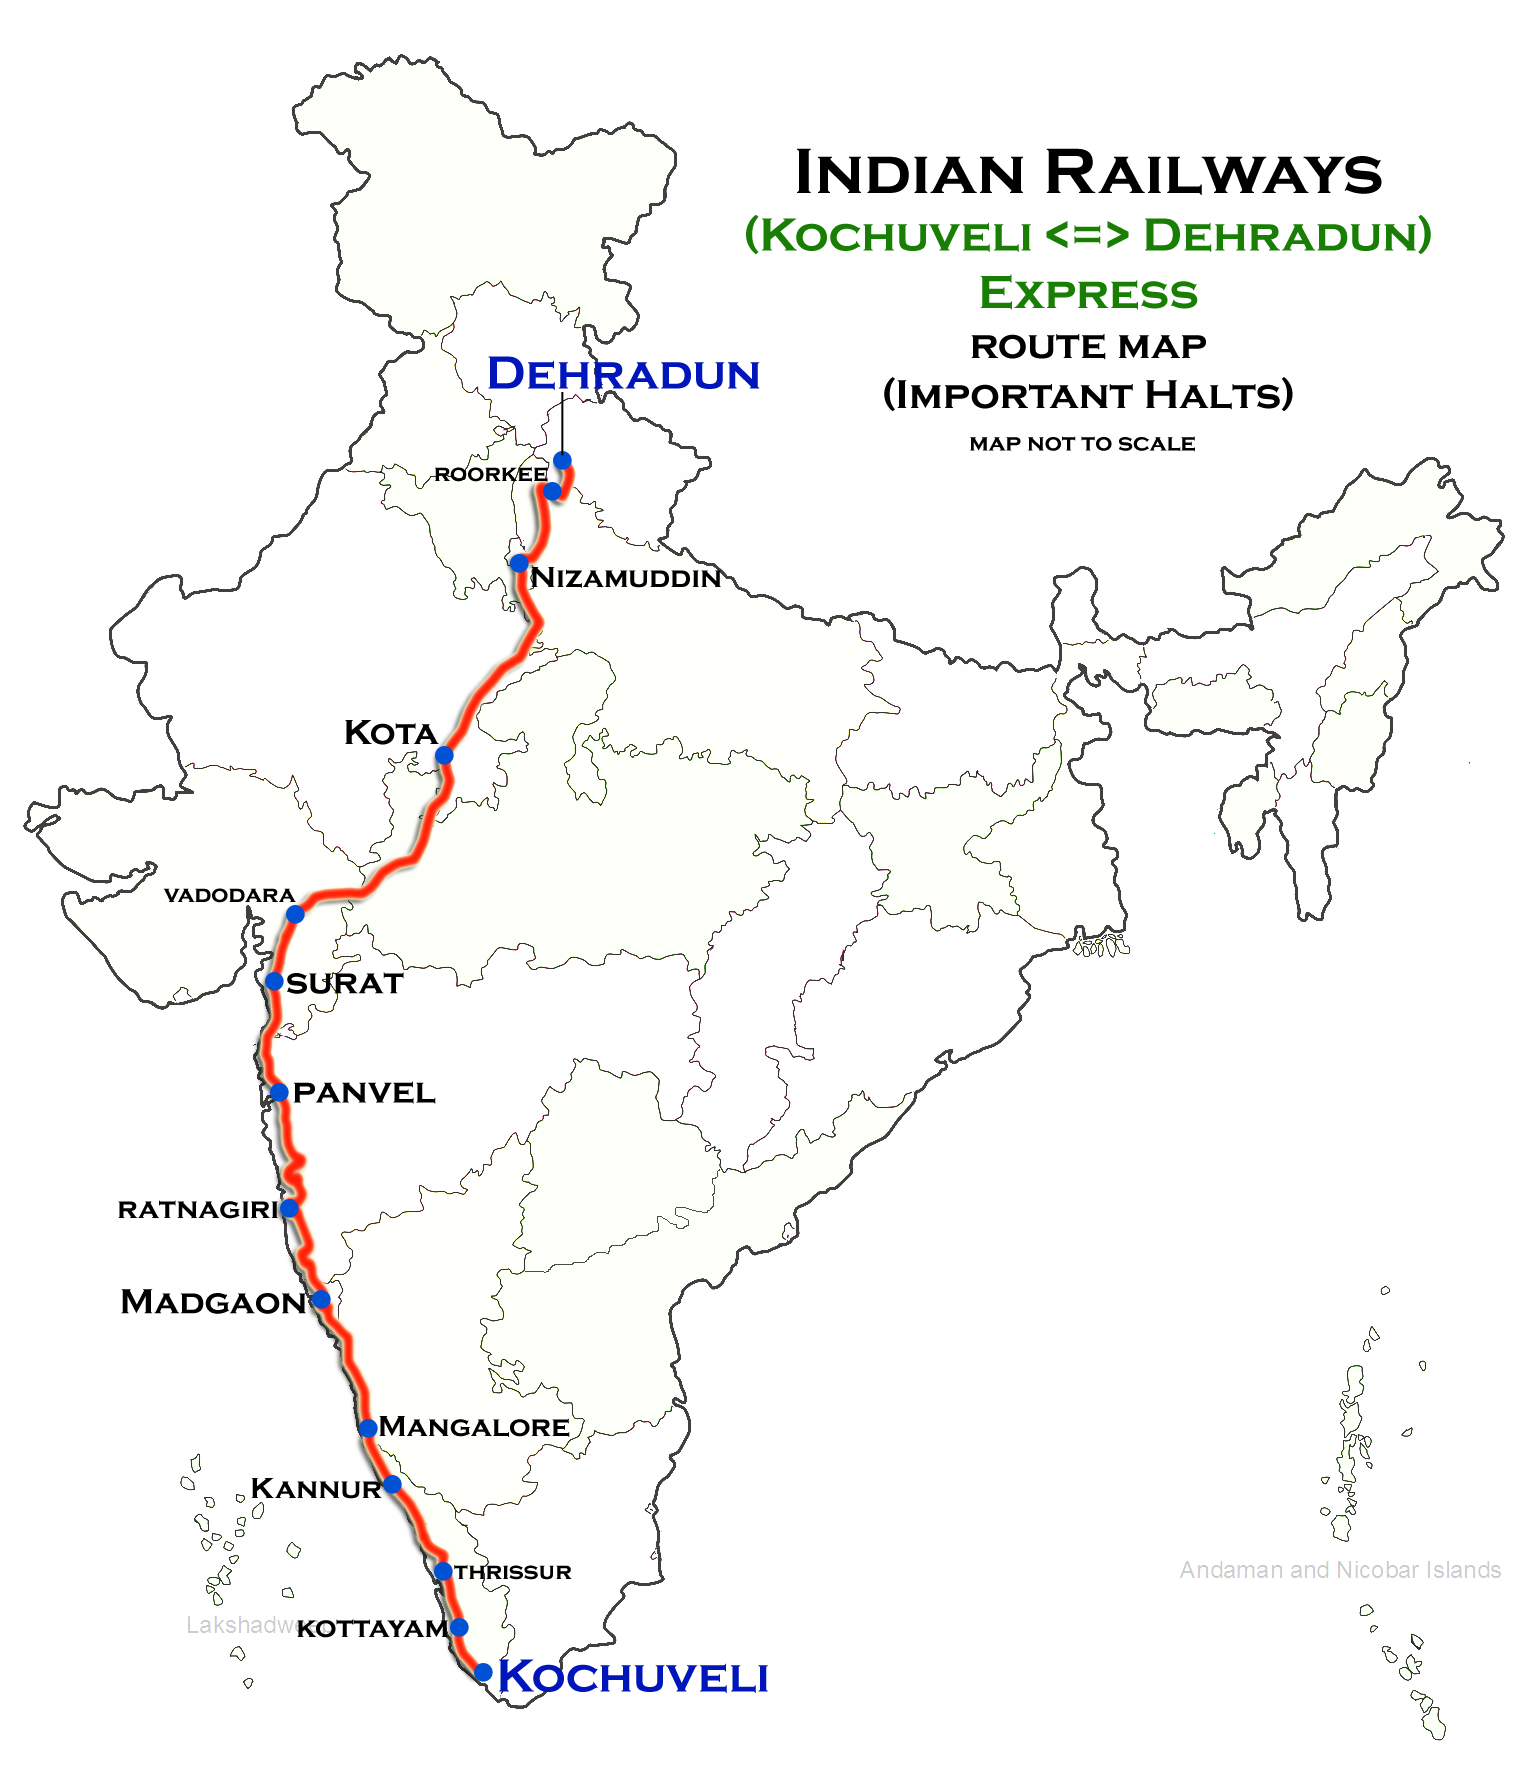 Dehradun In India Map Kochuveli Dehradun Superfast Express   Wikipedia